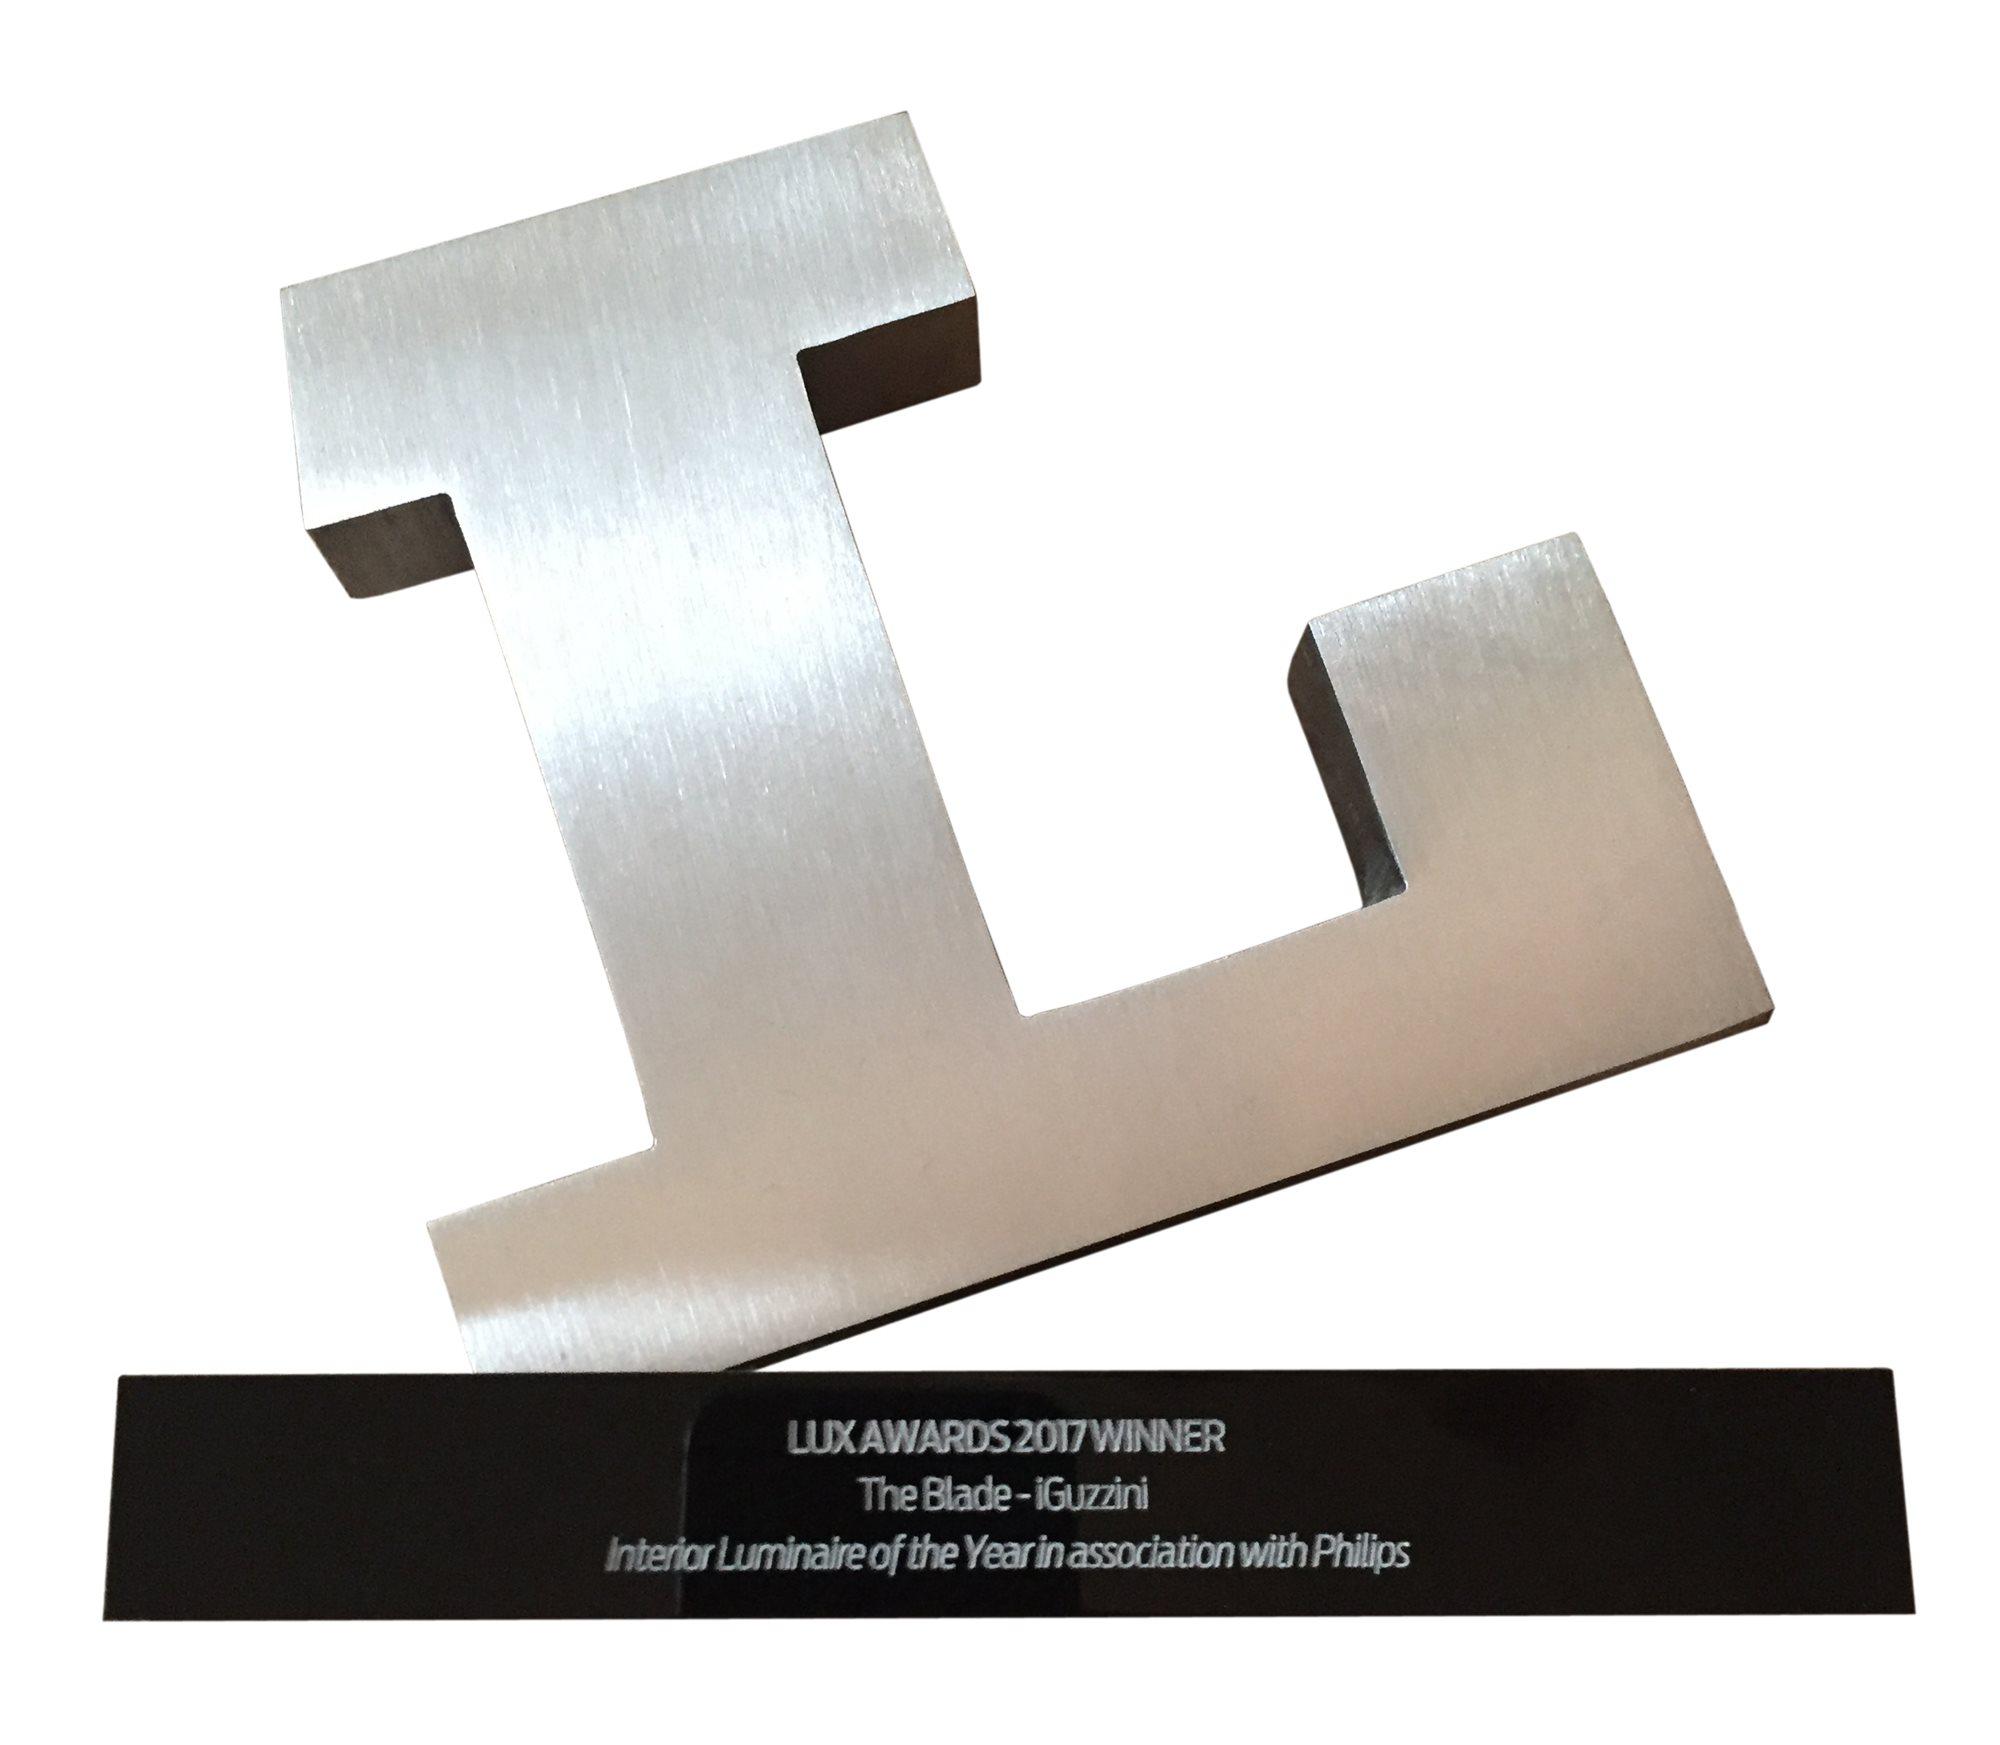 LuxLive récompense The Blade